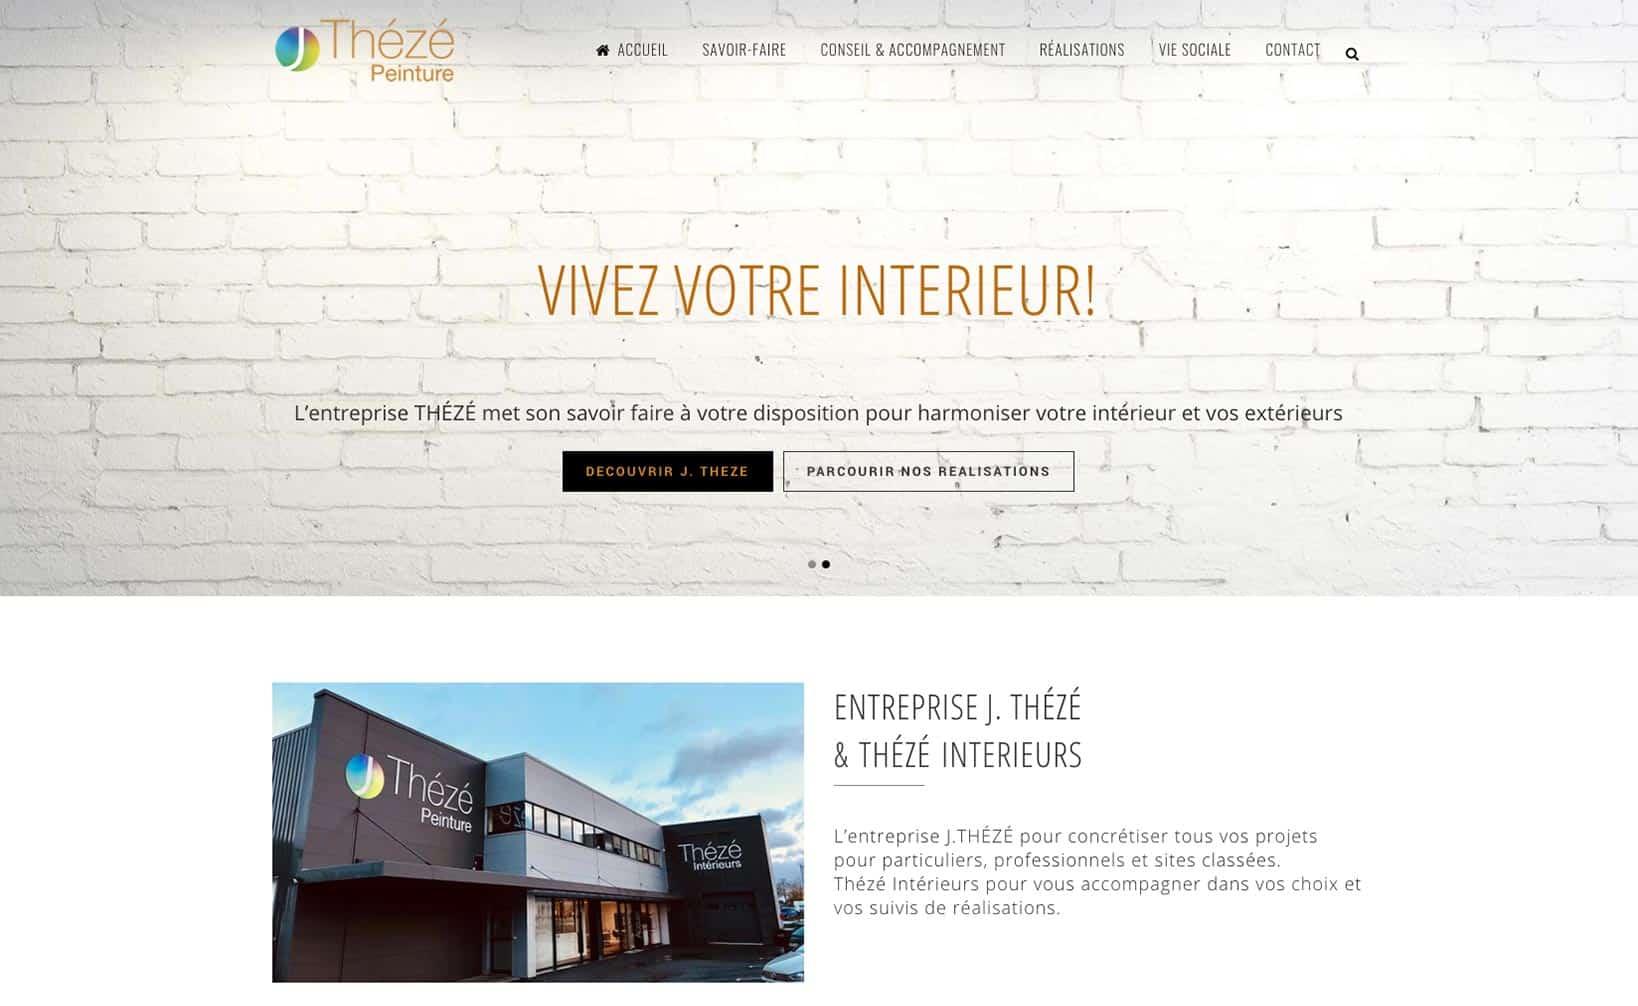 Site web Thézé Peinture - vue desktop 1